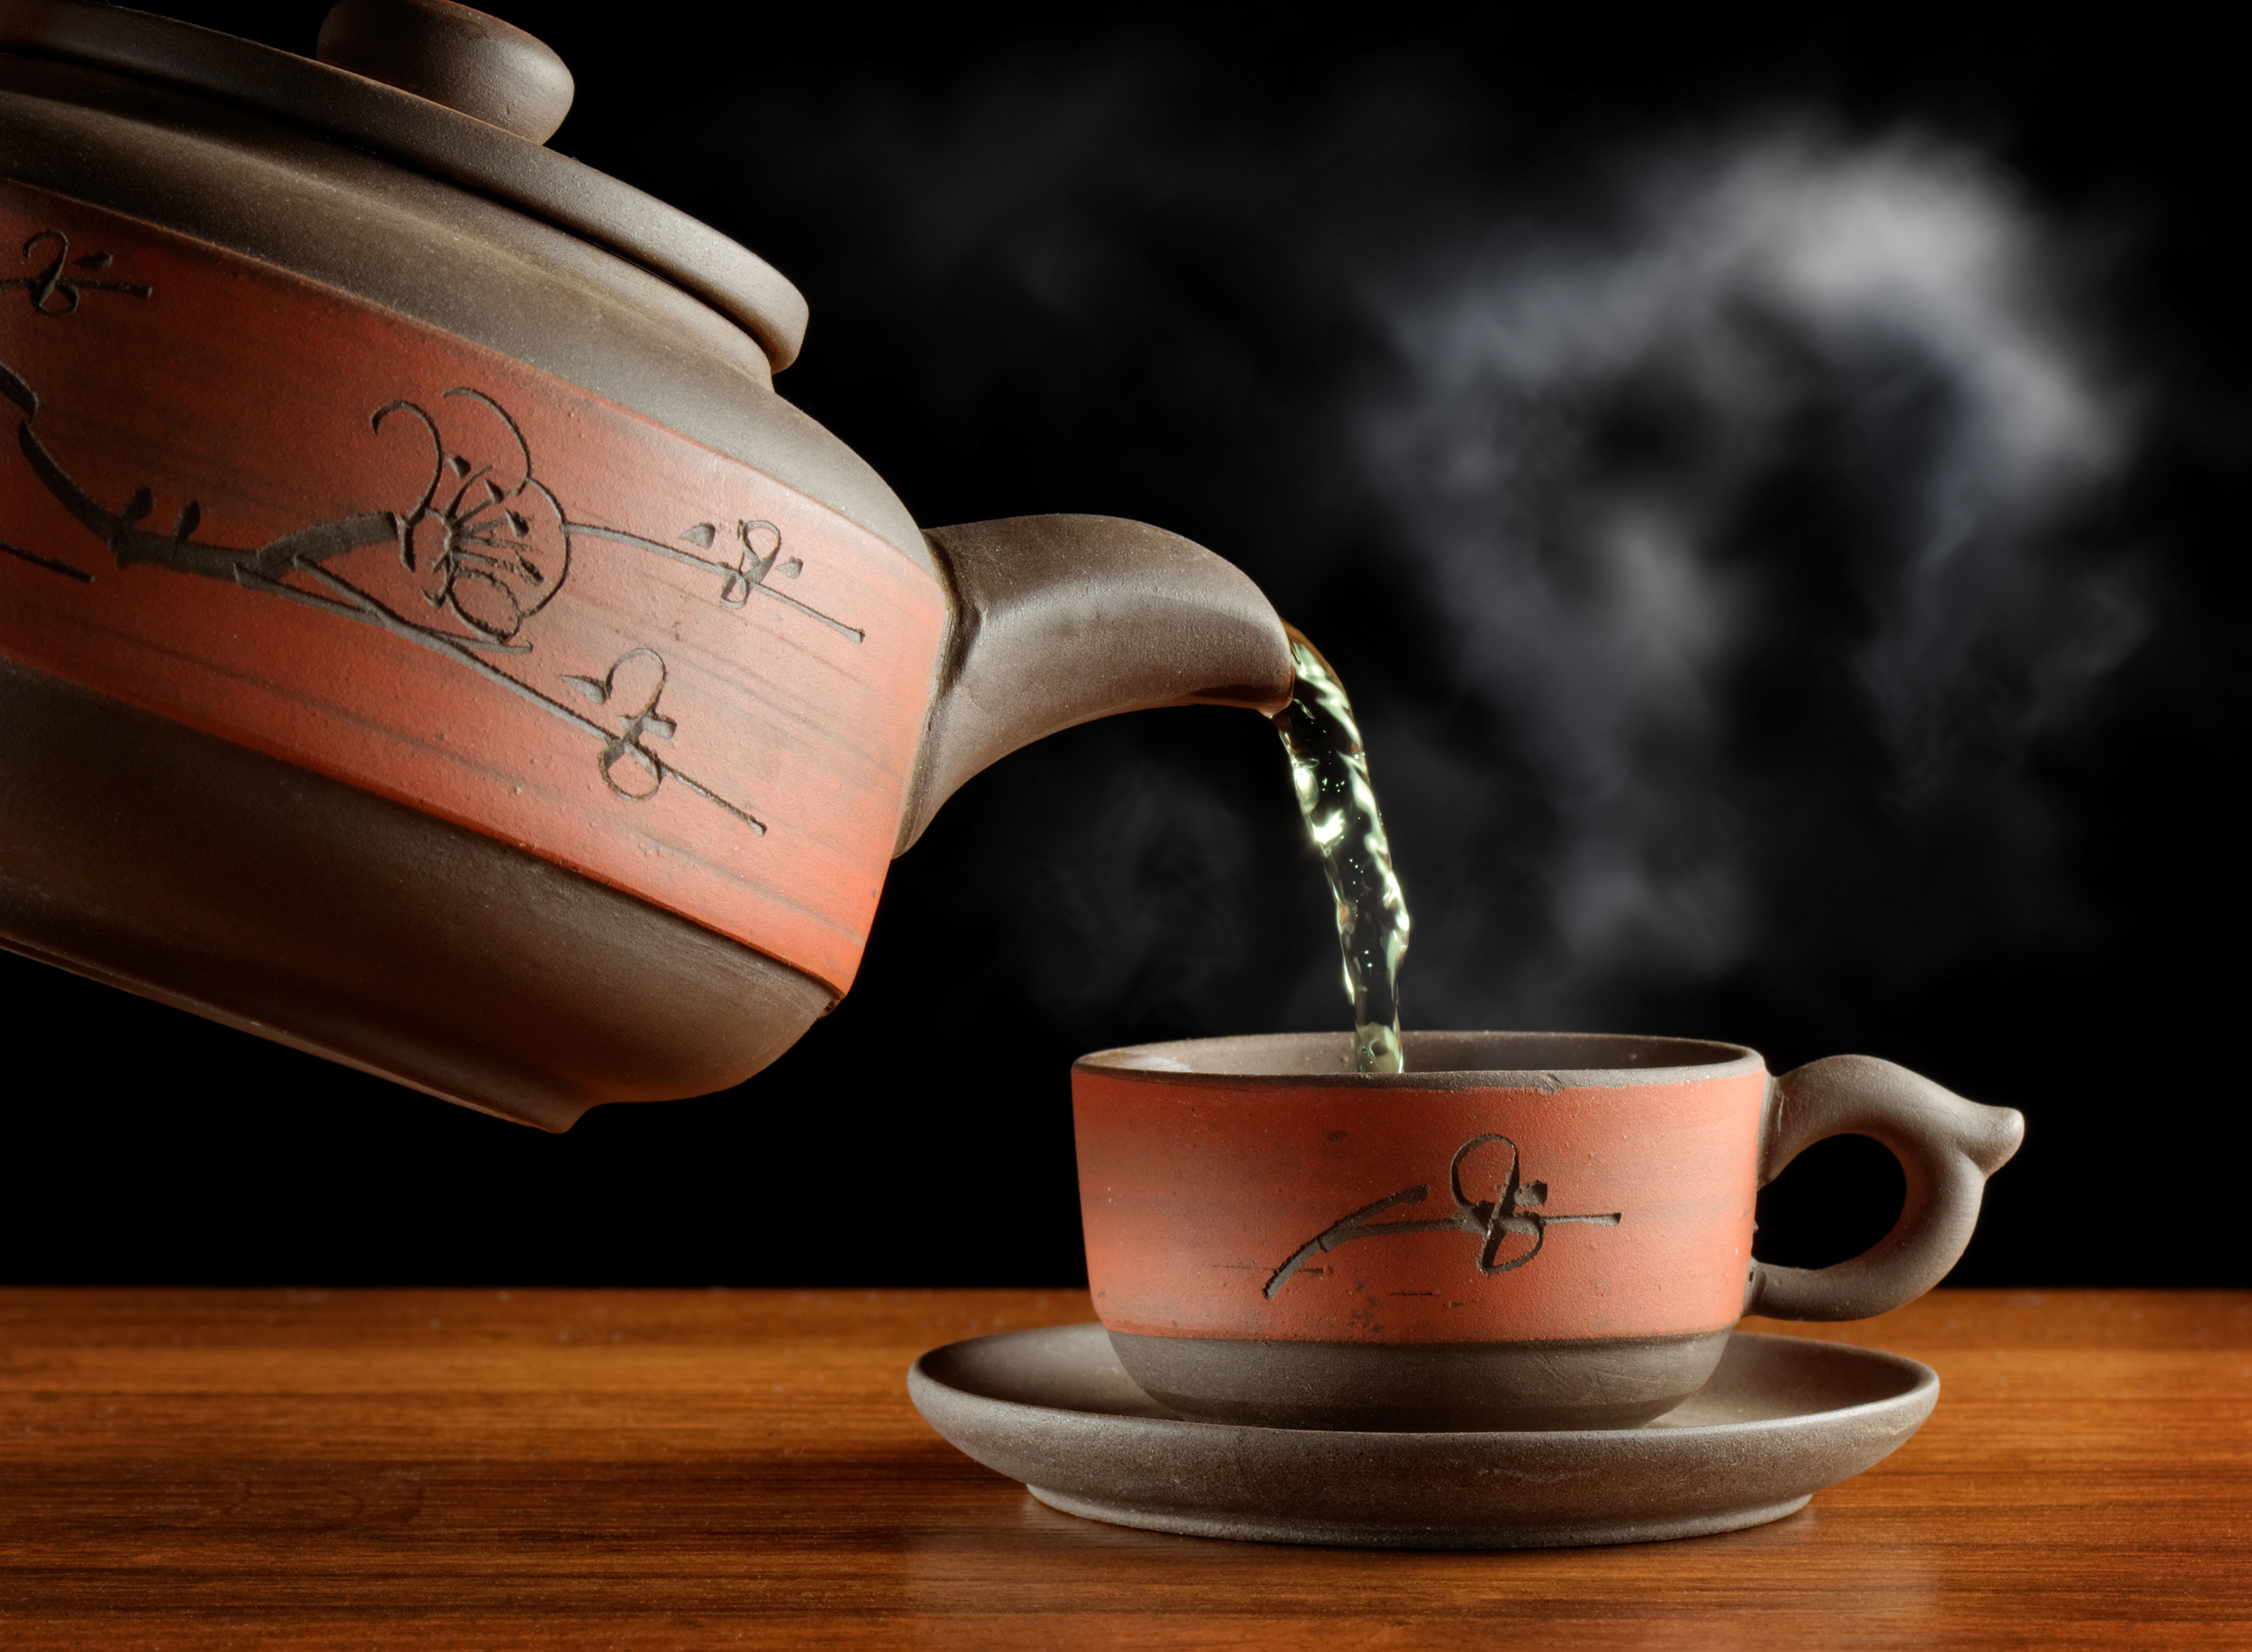 чайник с кружками бесплатно